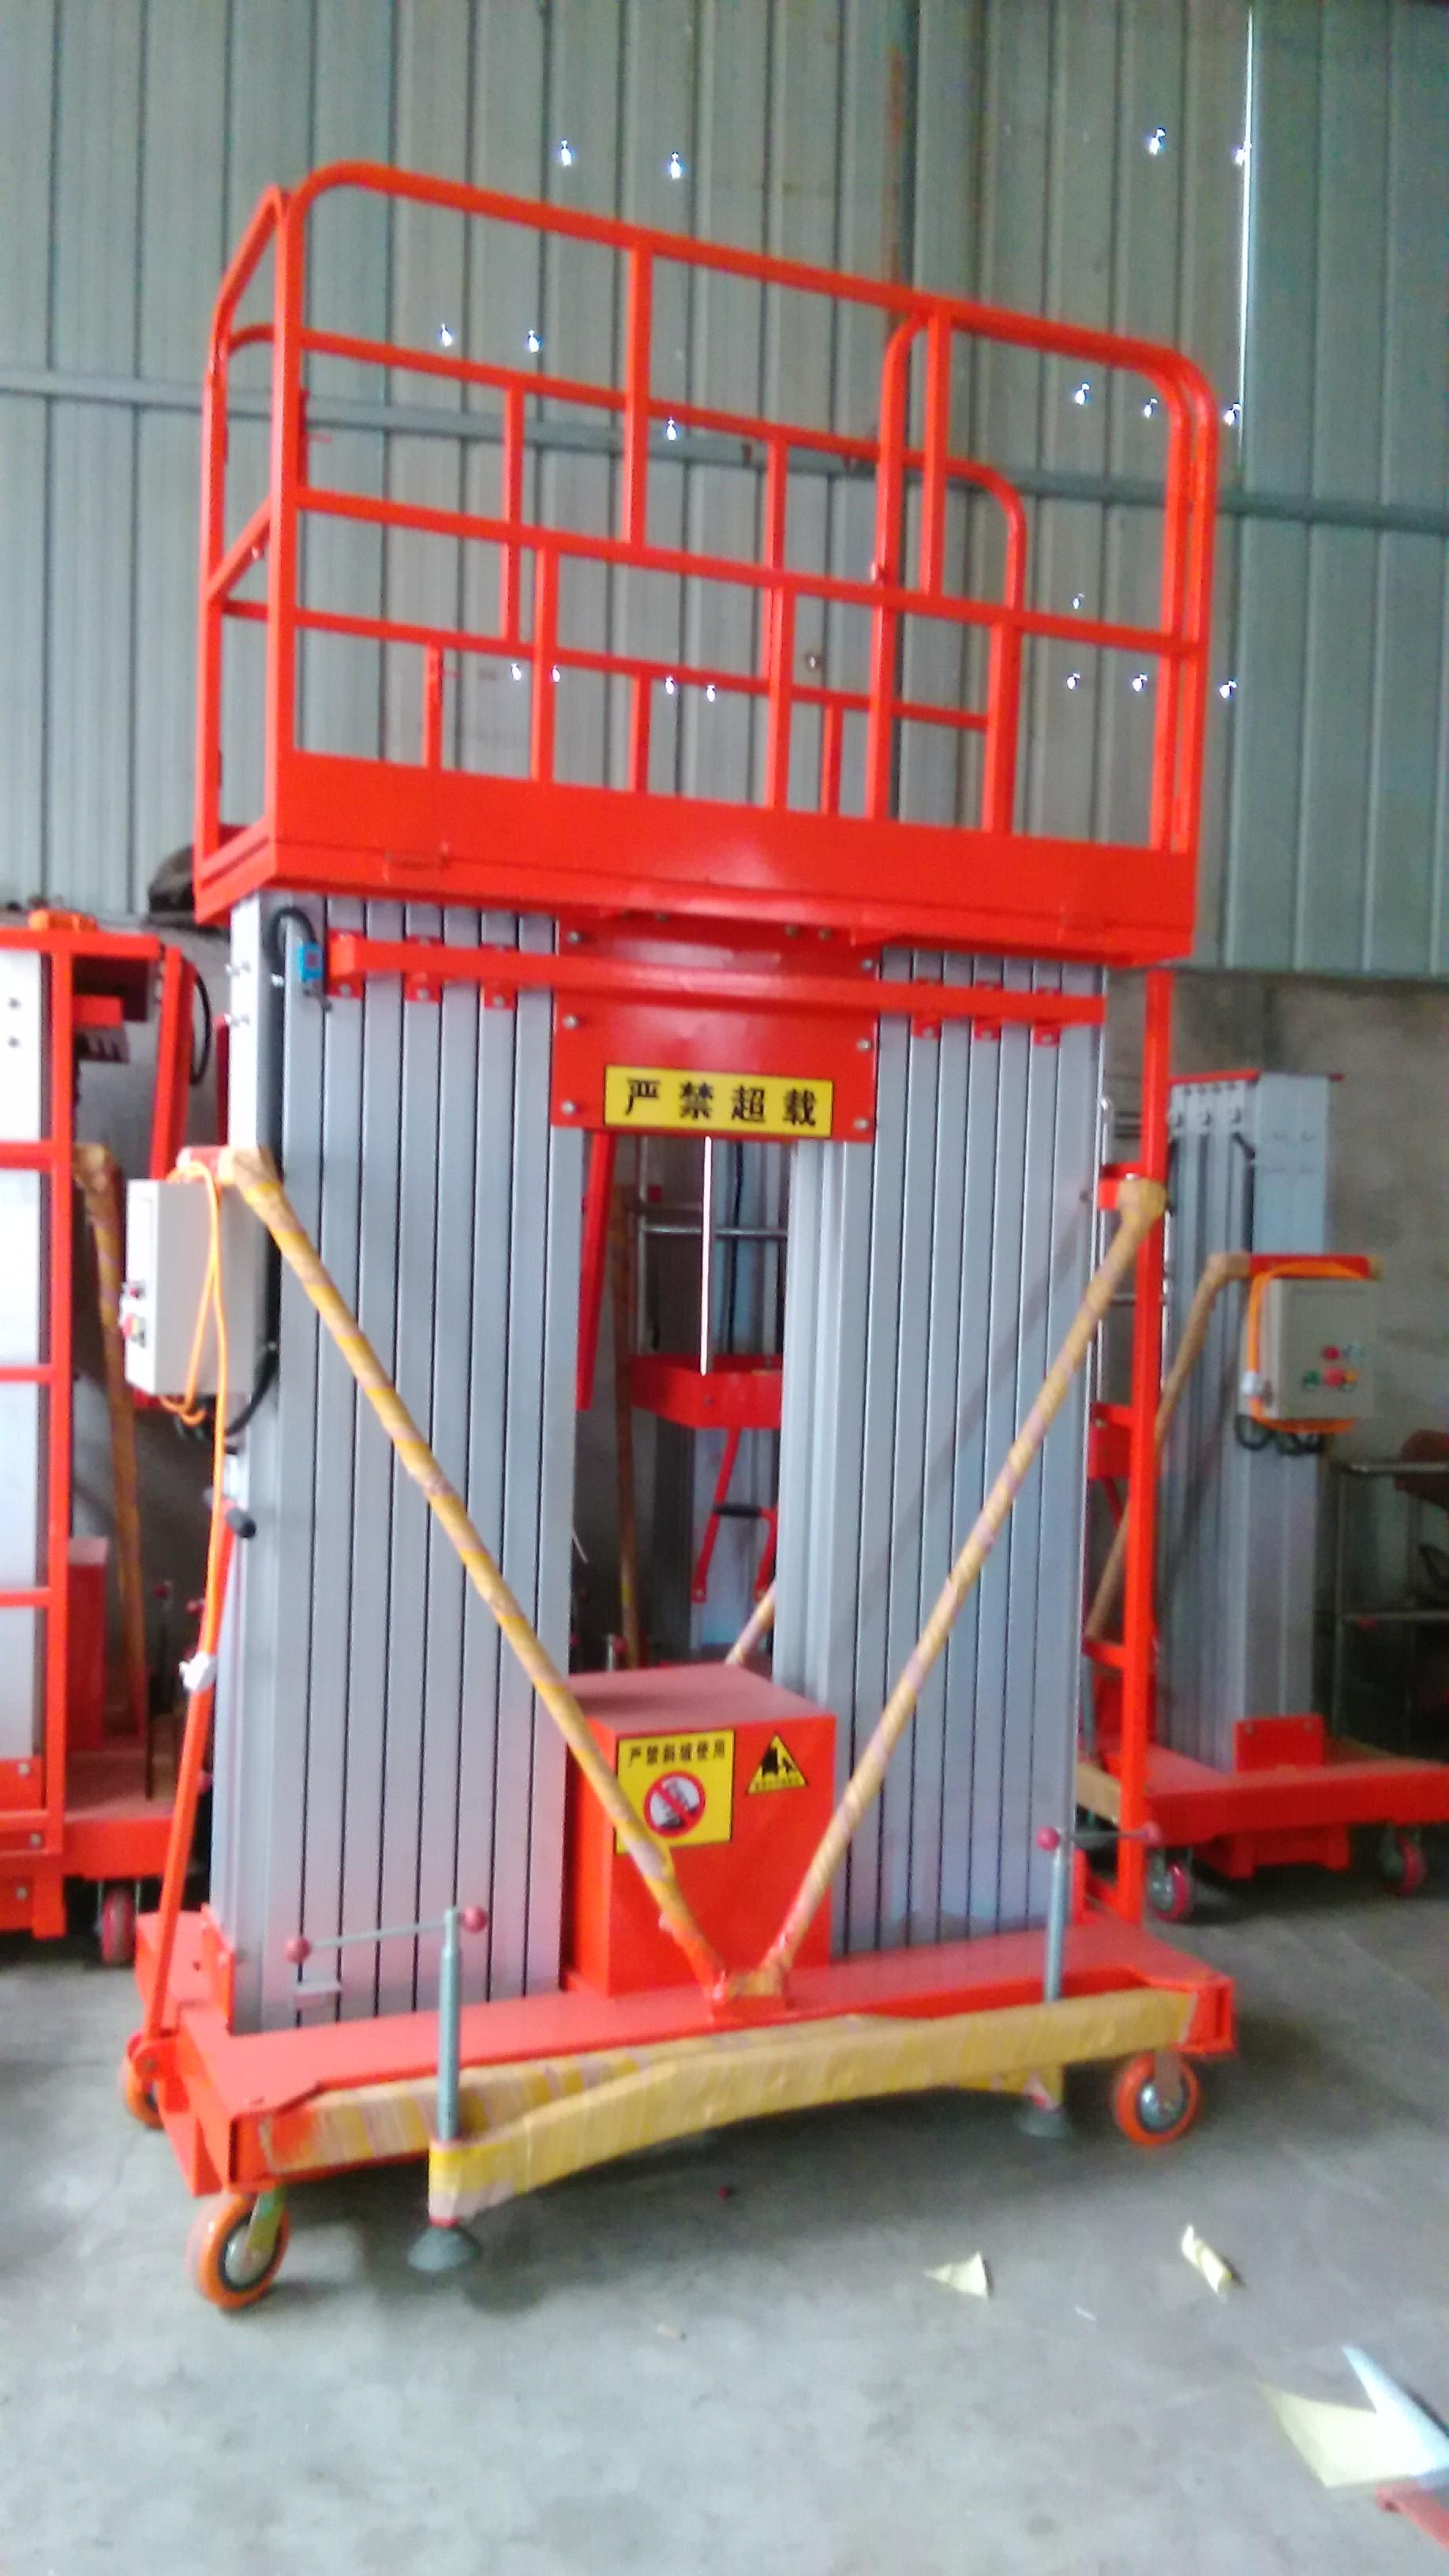 铝合金升降机单柱铝合金升降机厂家直销 铝合金升降机报价